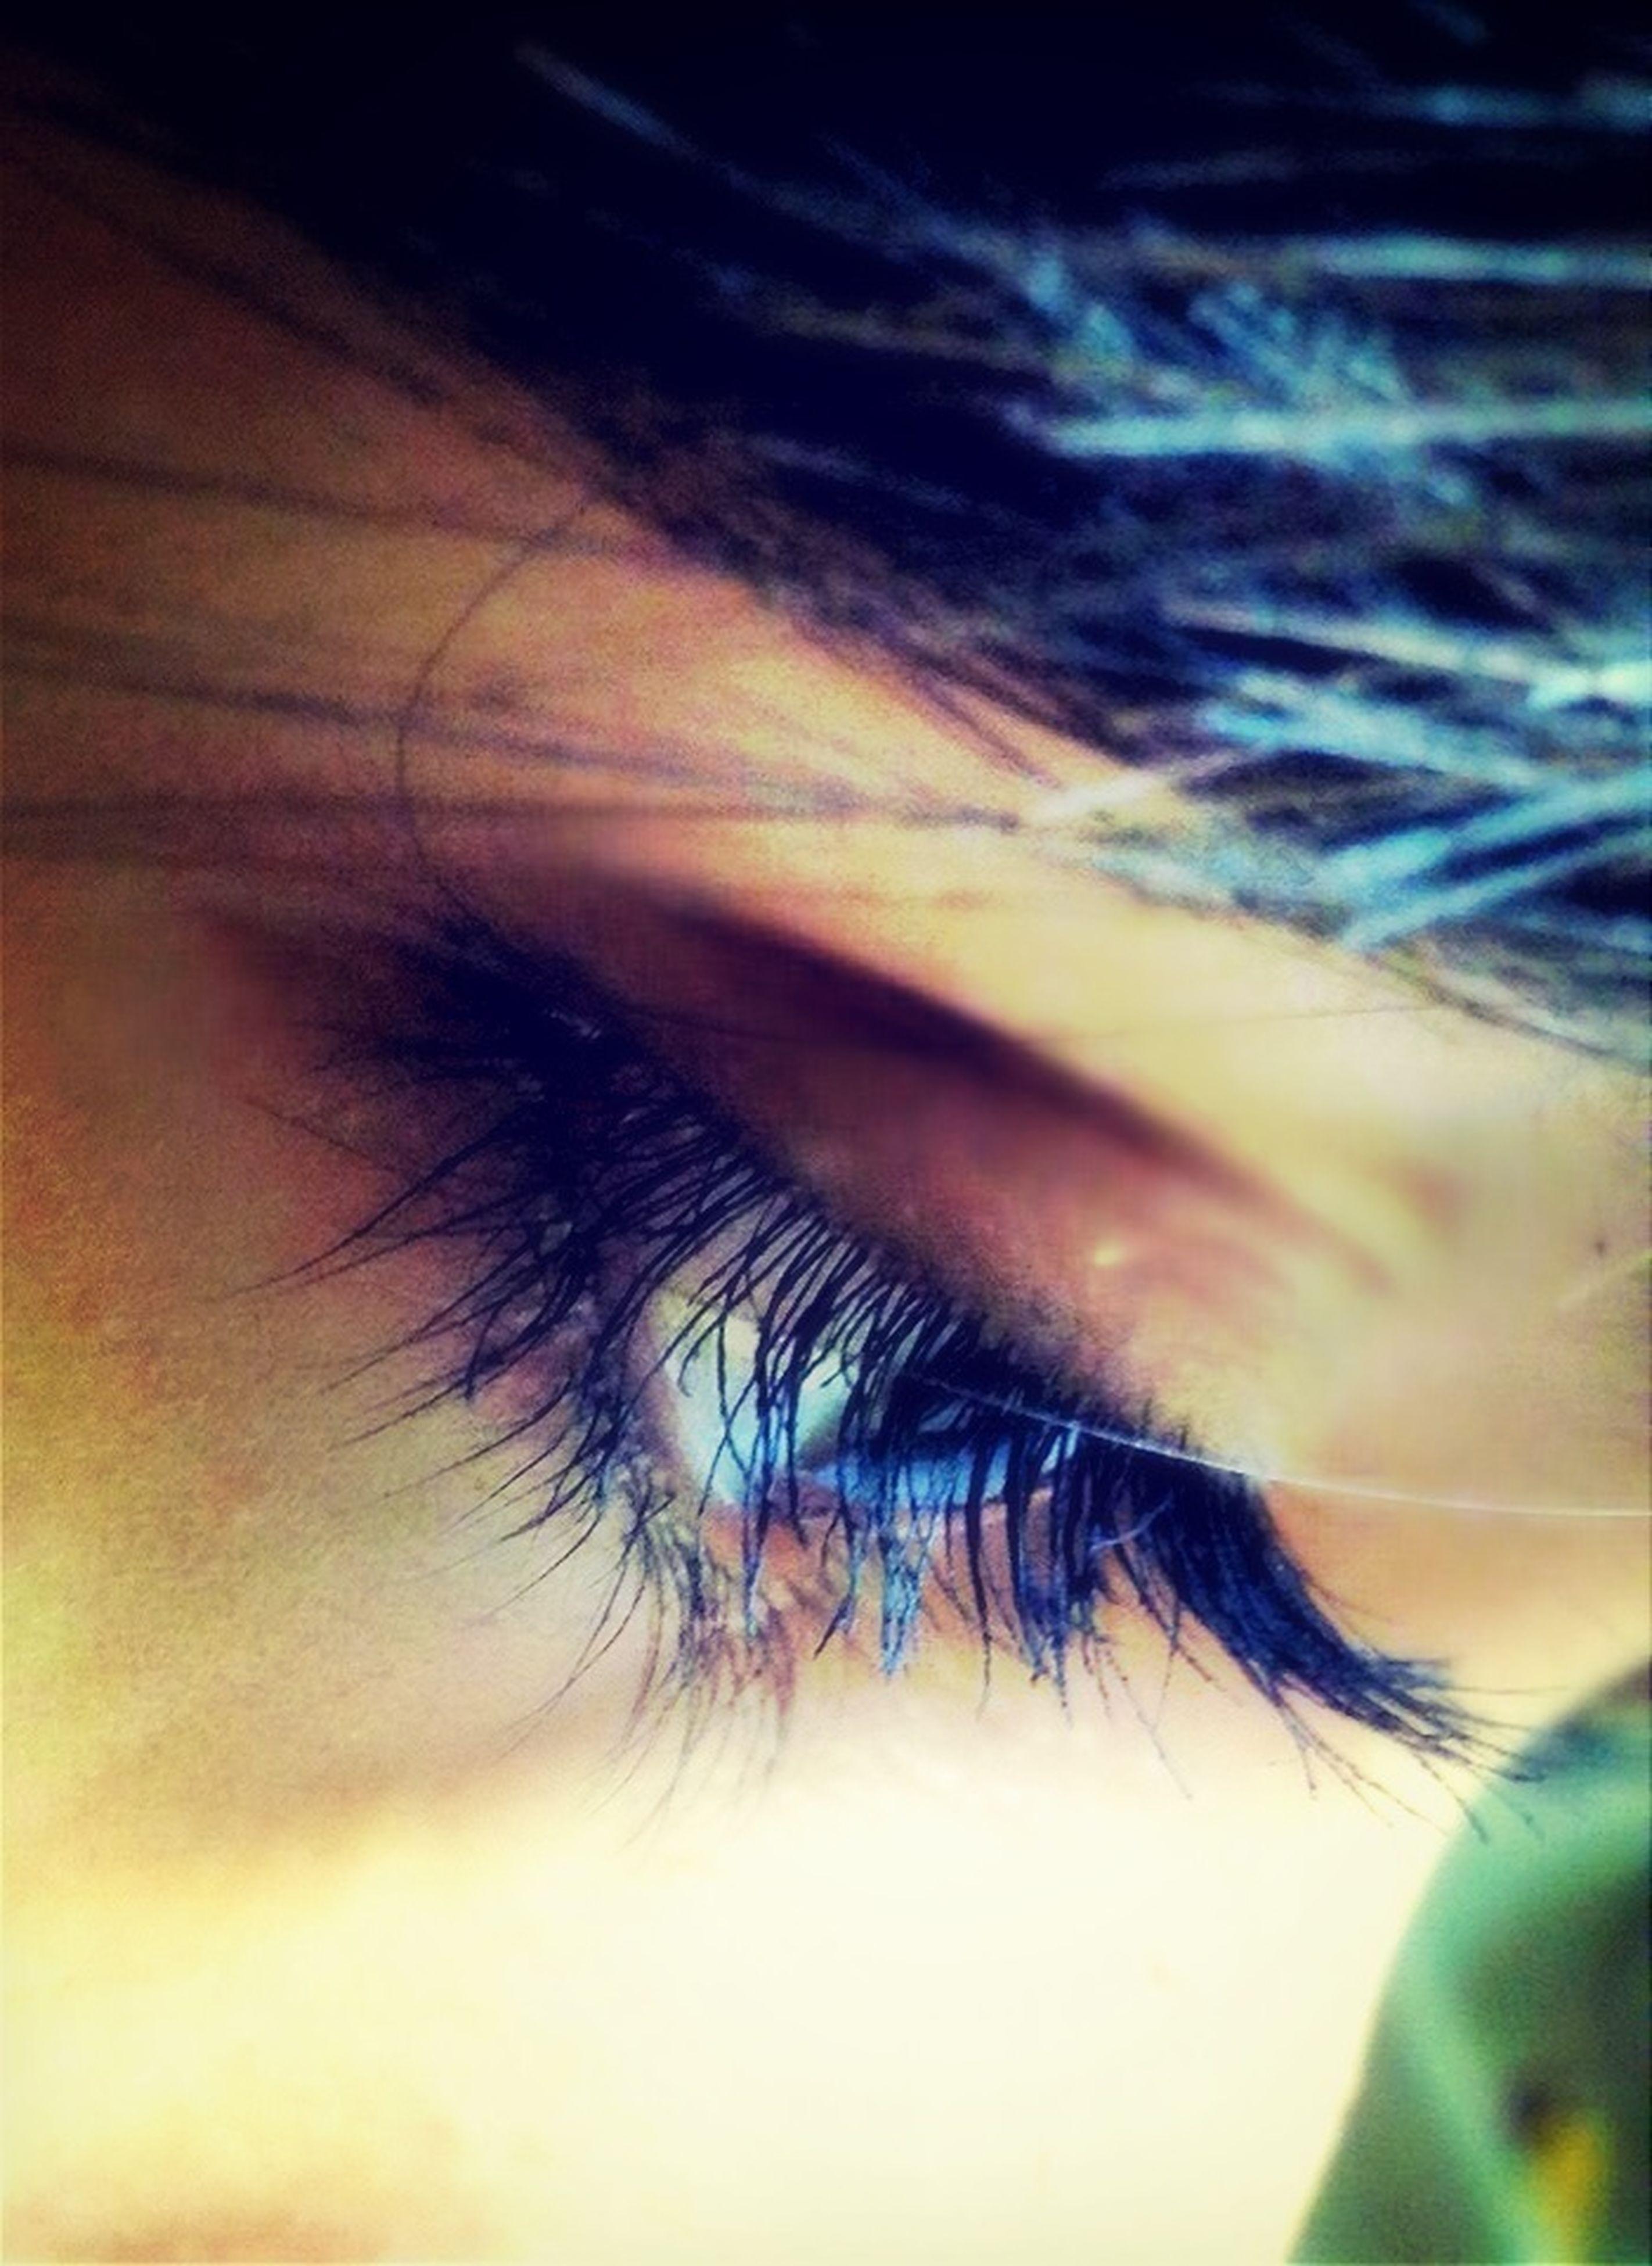 close-up, human eye, part of, eyelash, eyesight, extreme close-up, selective focus, extreme close up, sensory perception, human skin, cropped, macro, human hair, detail, iris - eye, eyeball, human face